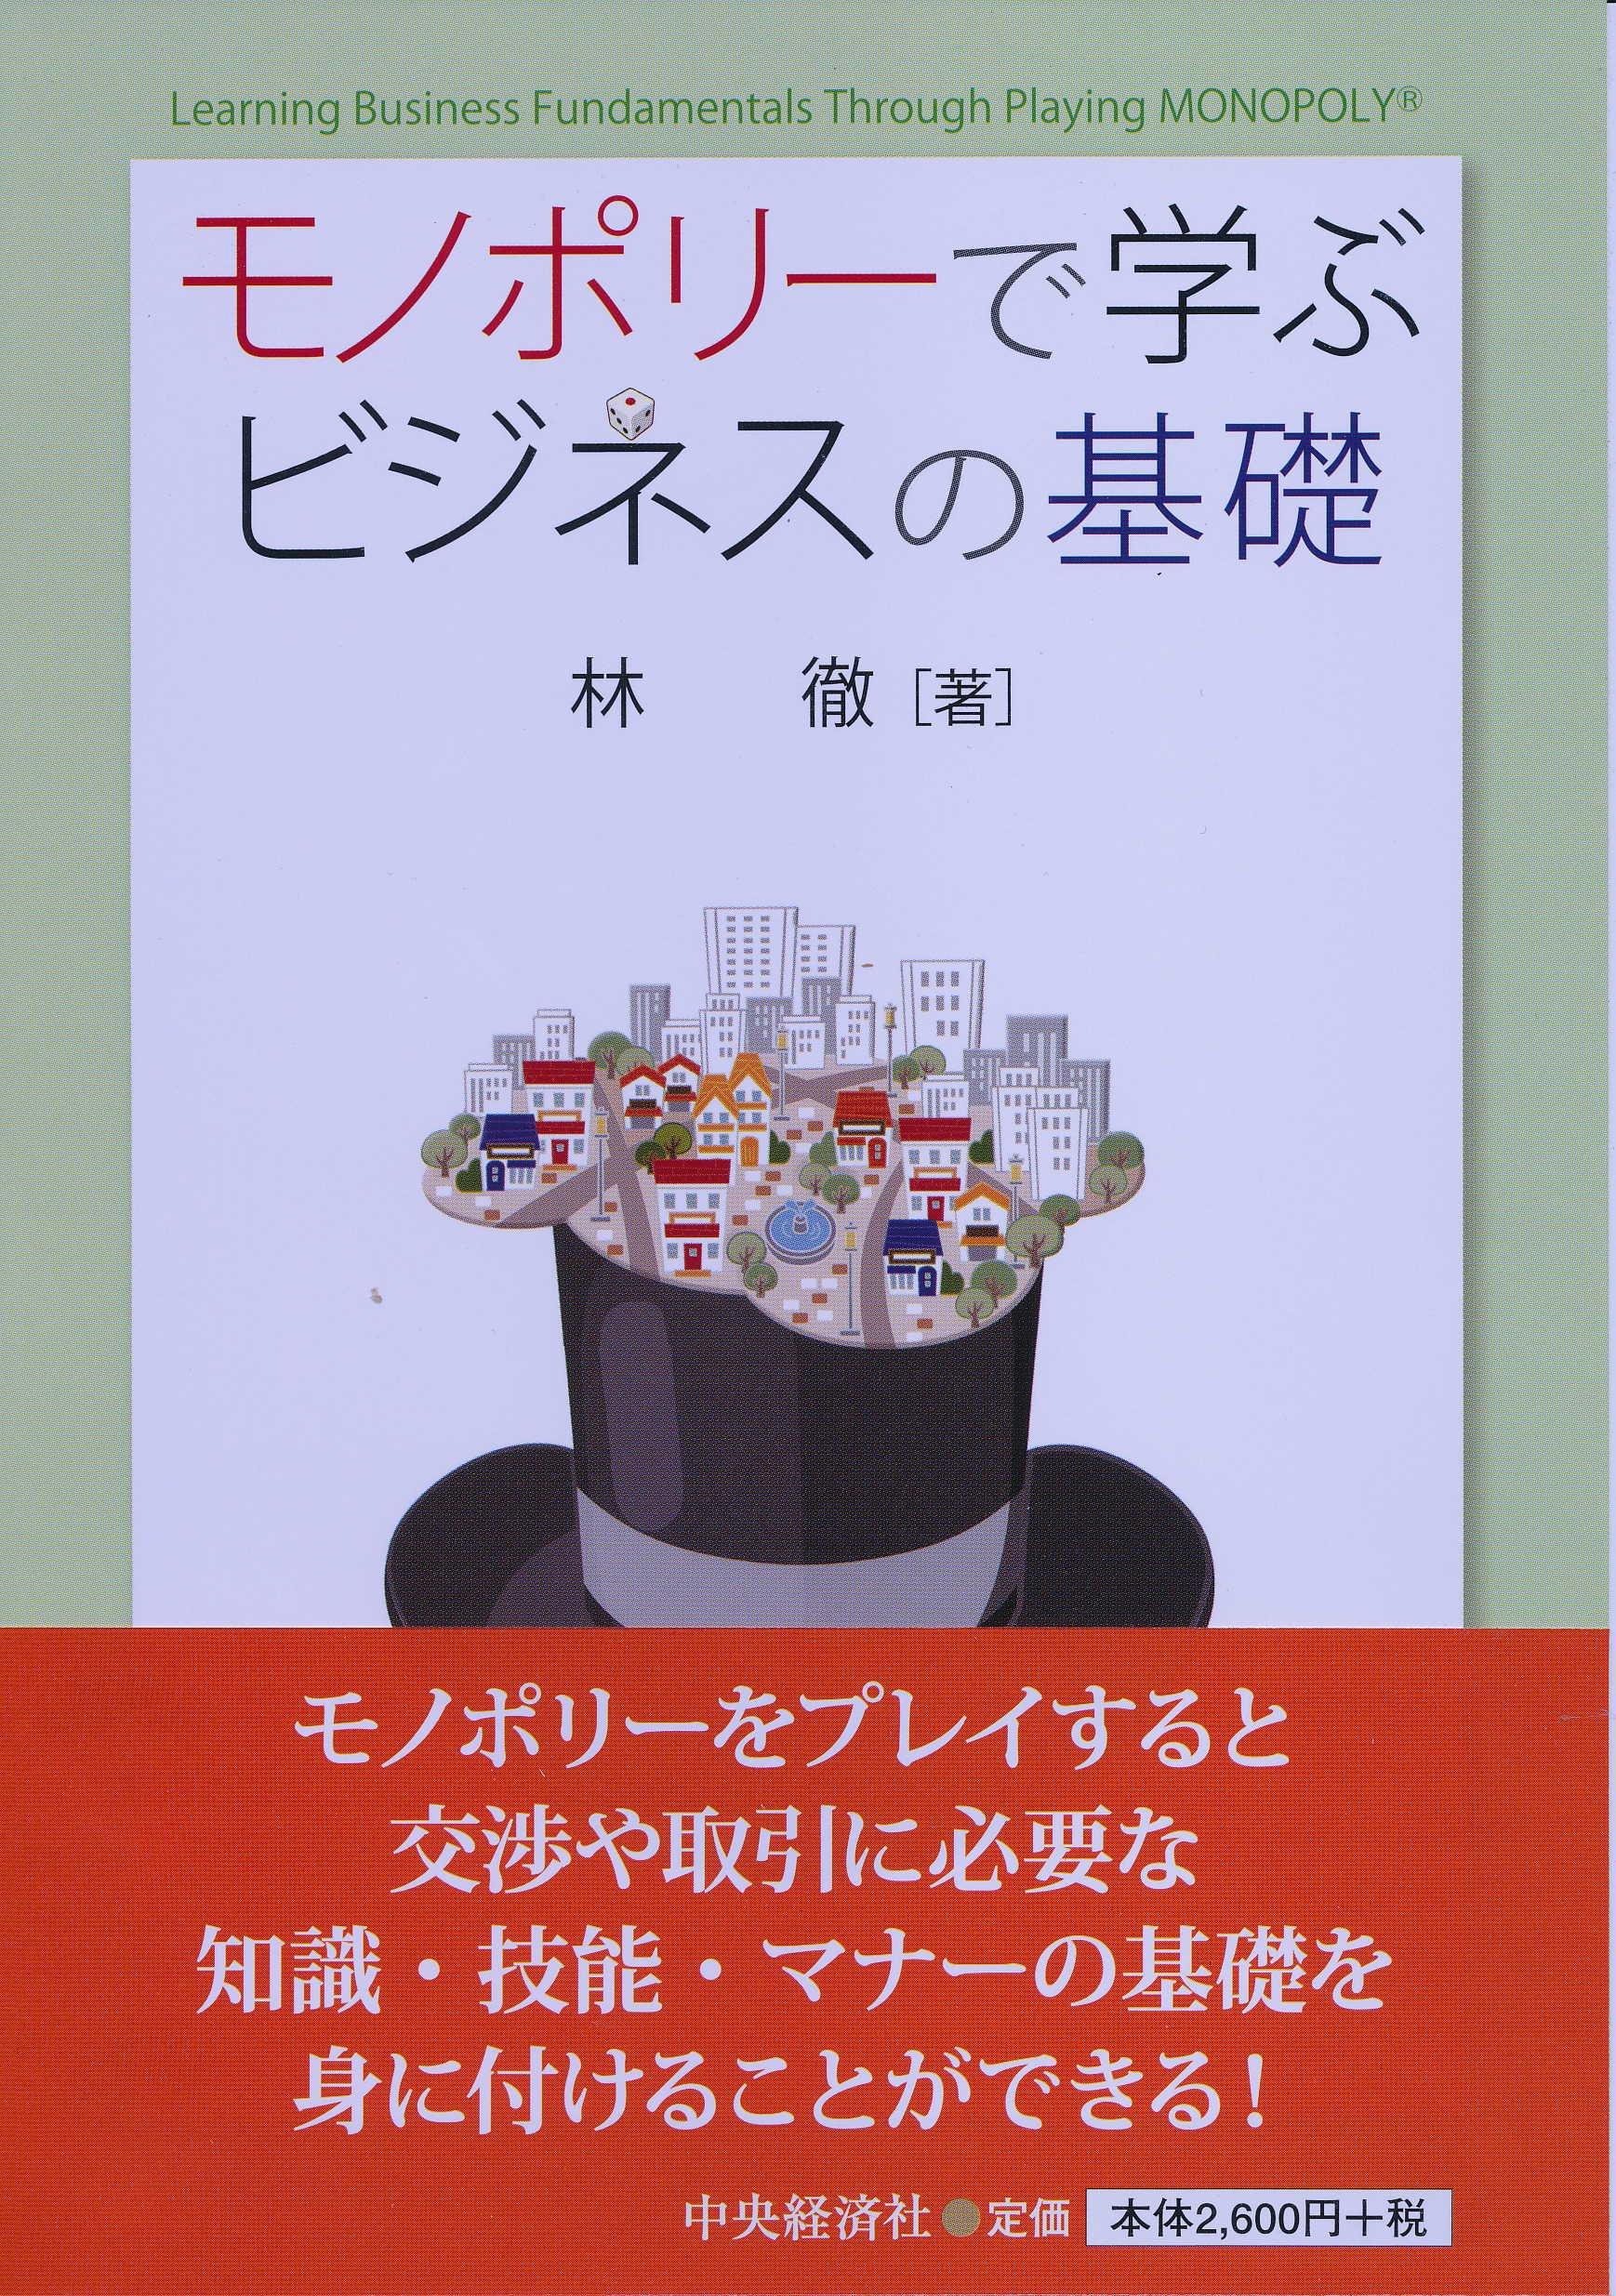 林 徹(長崎大学)著『モノポリーで学ぶビジネスの基礎』